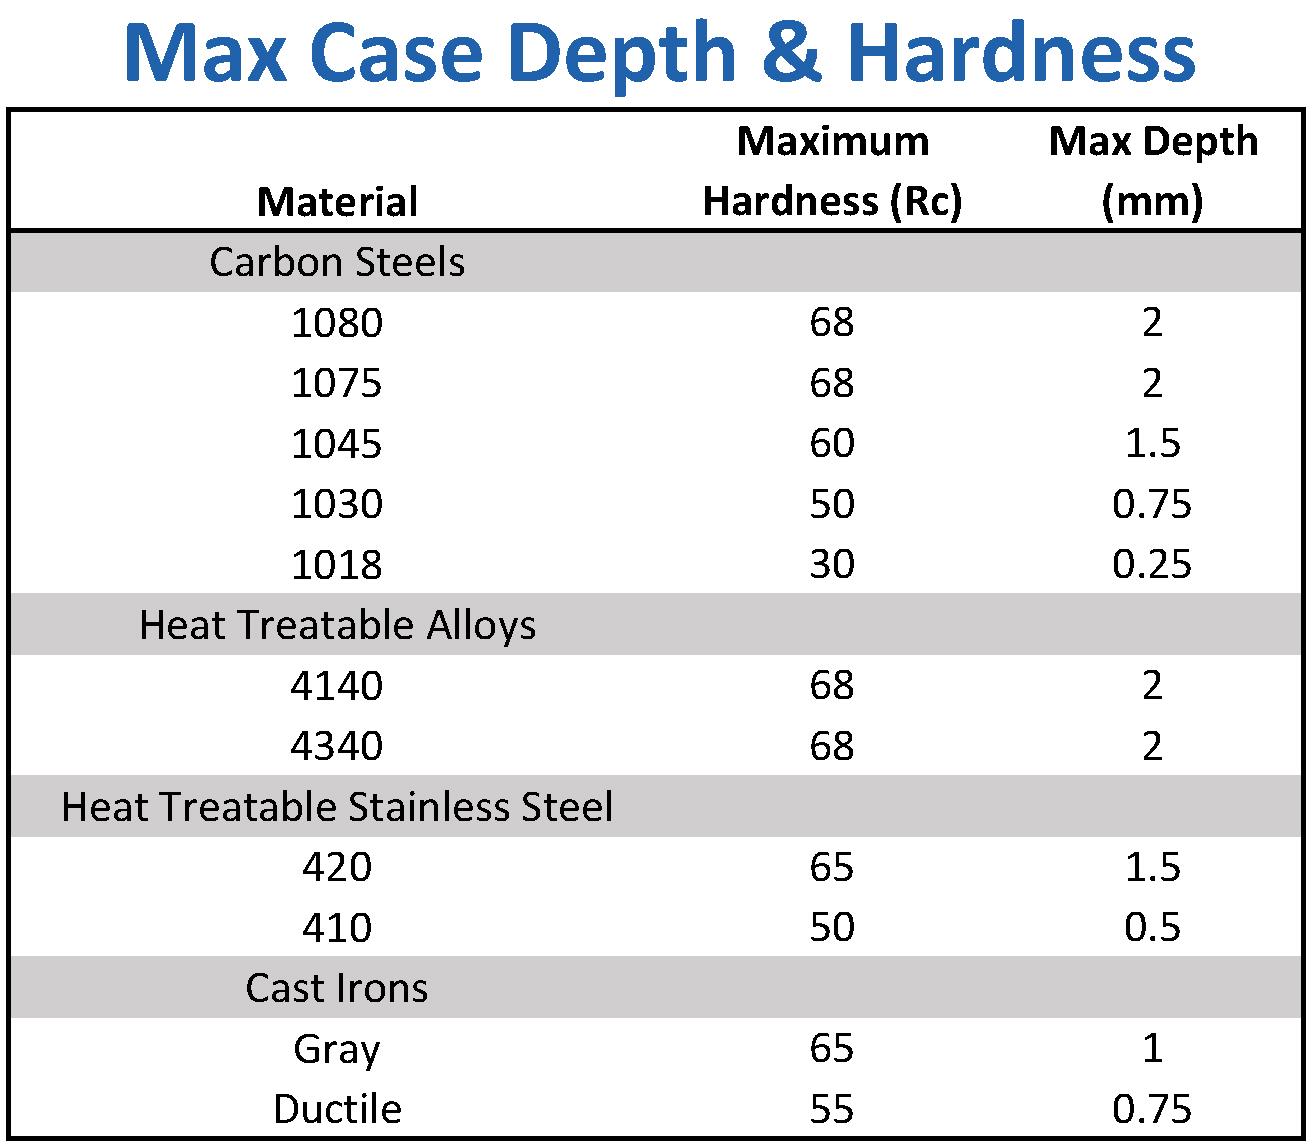 Max Case Depth & Hardness